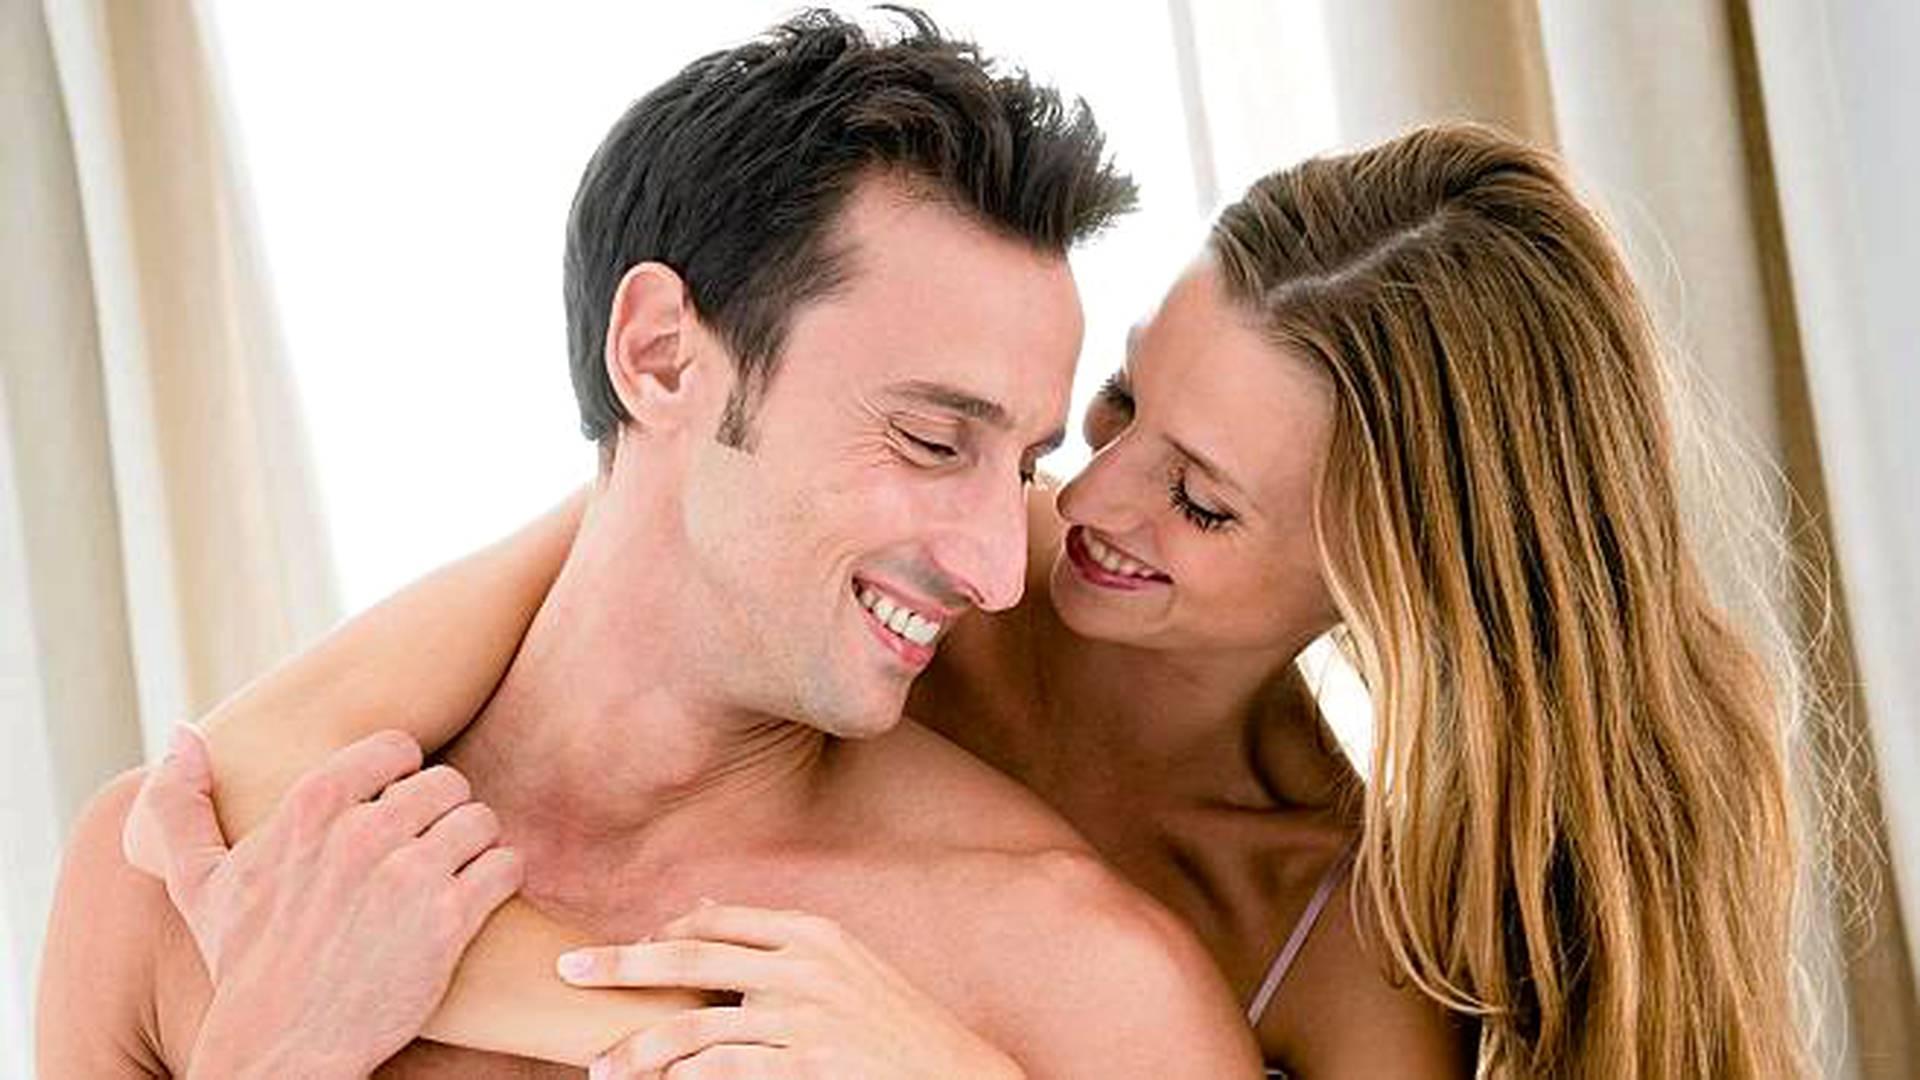 dating Artista natutulog SA kalye